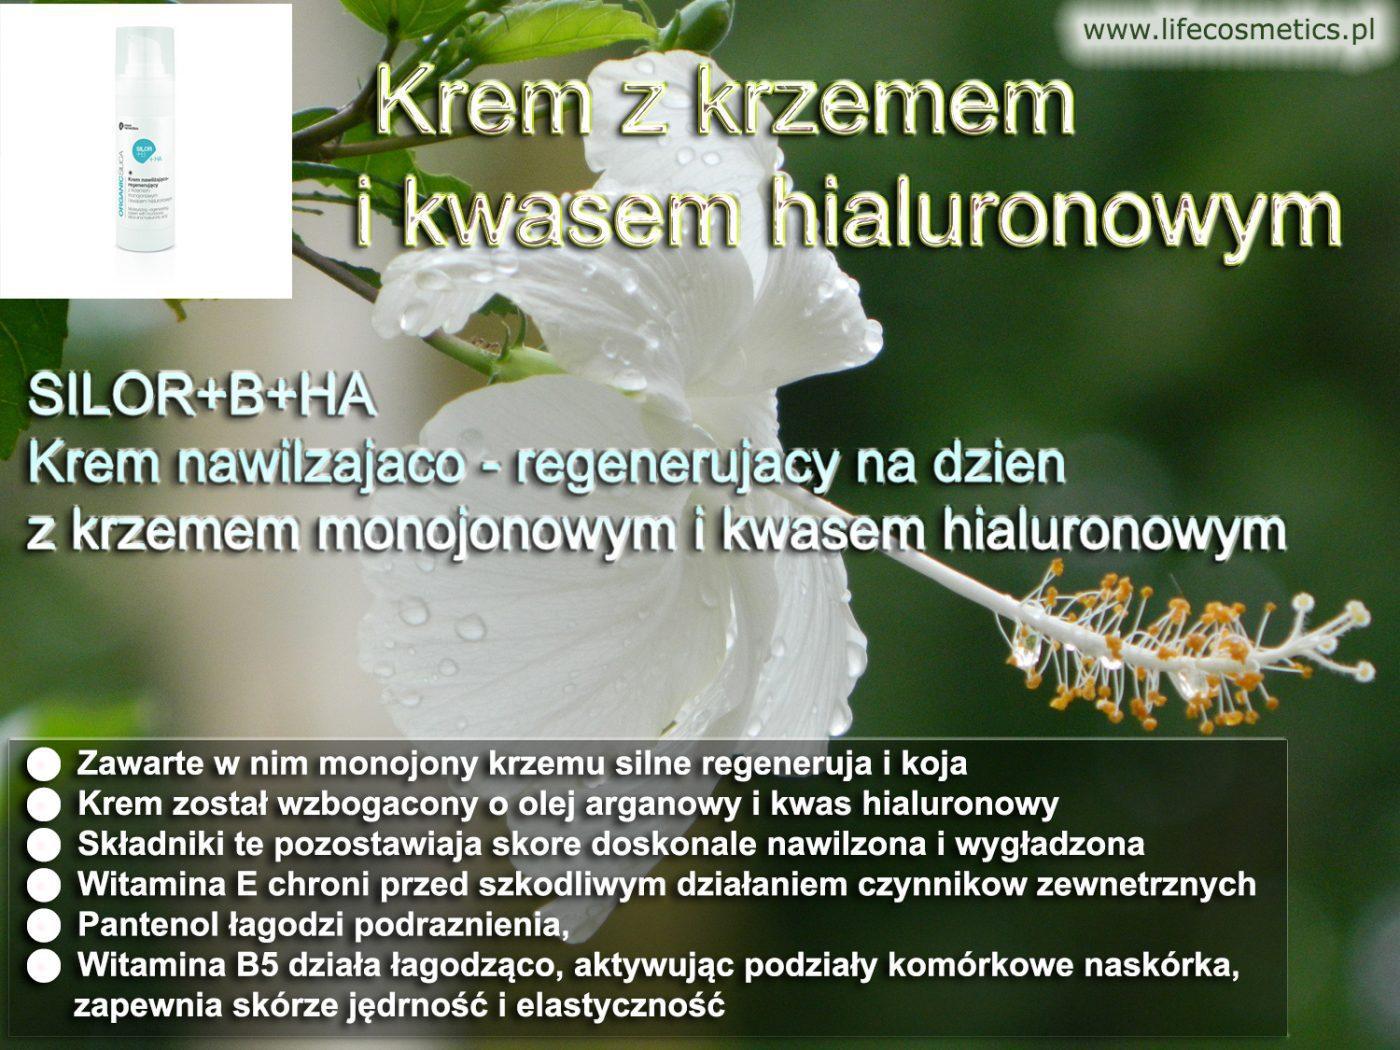 krem-z-krzemem-i-kwasem-hialuronowym